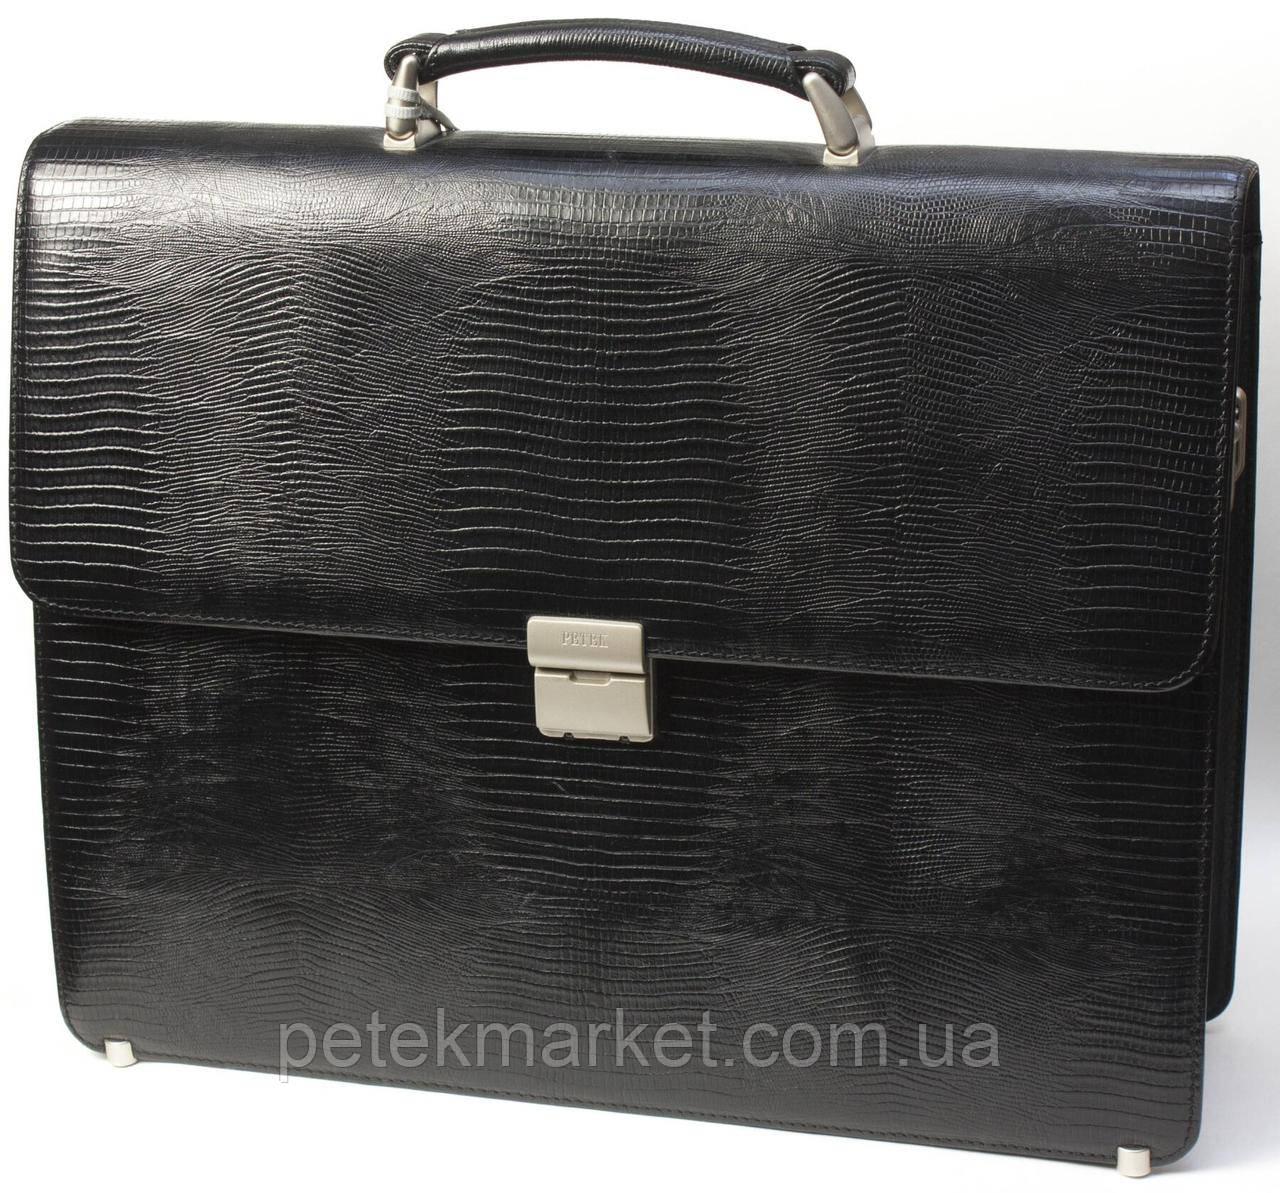 Кожаный портфель Petek 7501